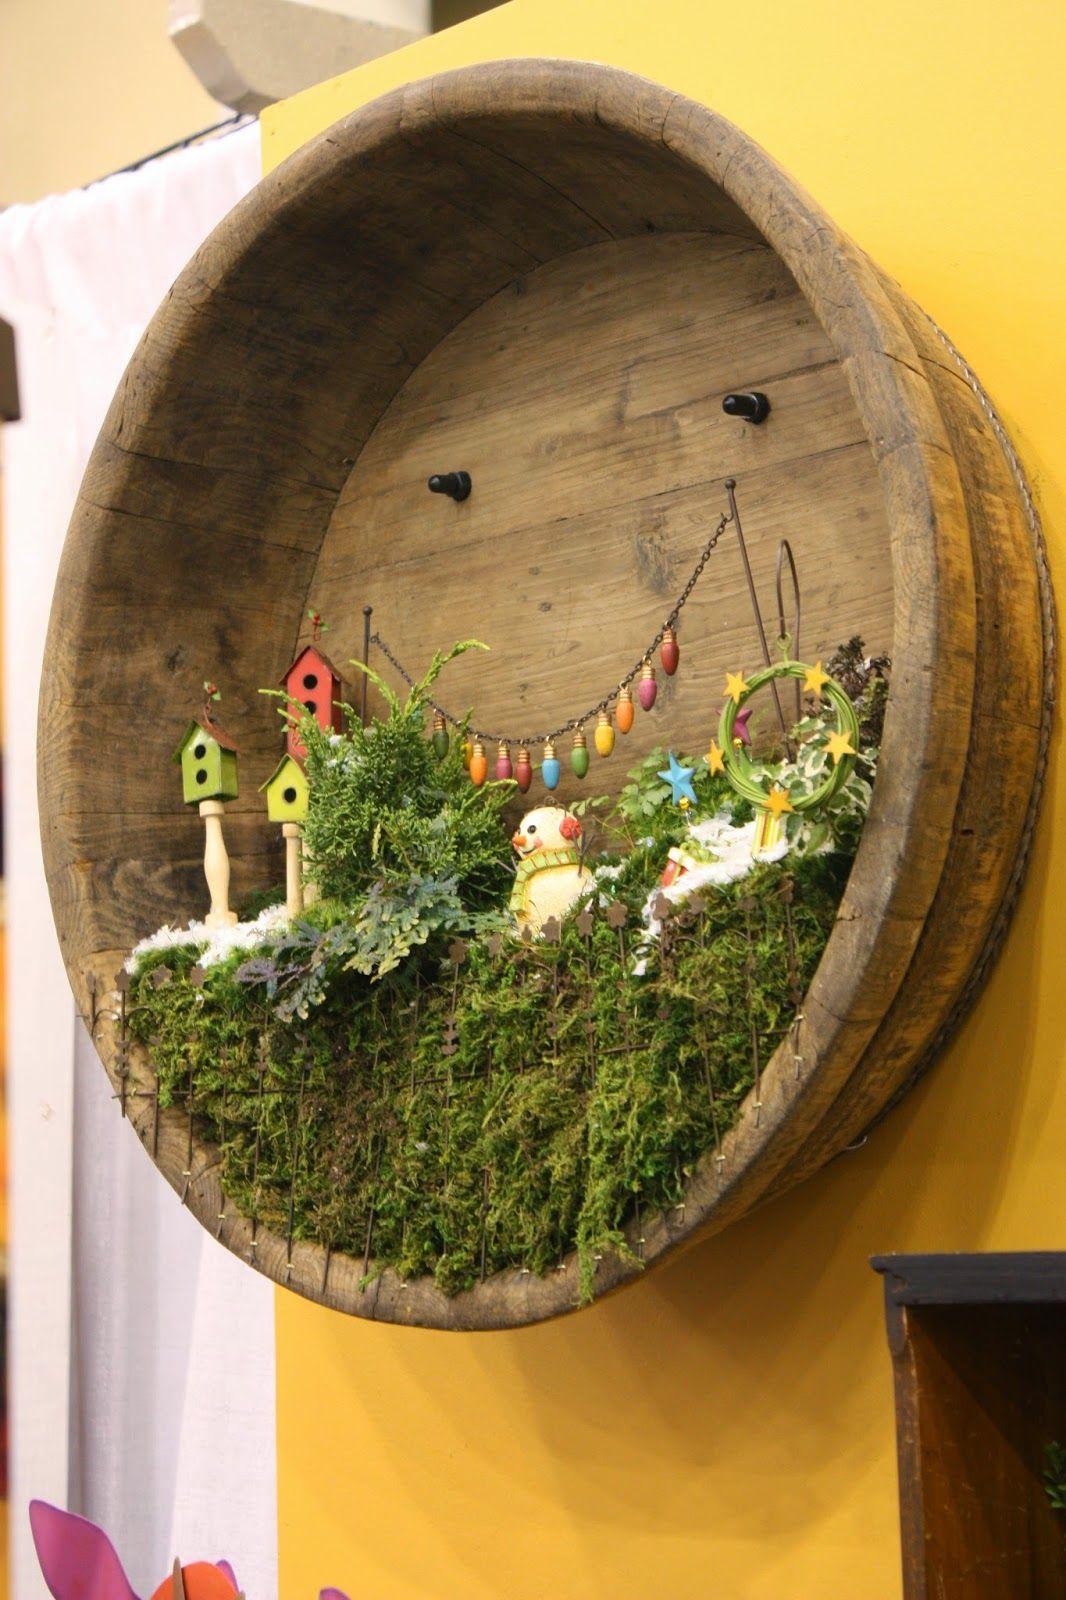 Gnome In Garden: Garden Thyme With The Creative Gardener: Creative Fairy